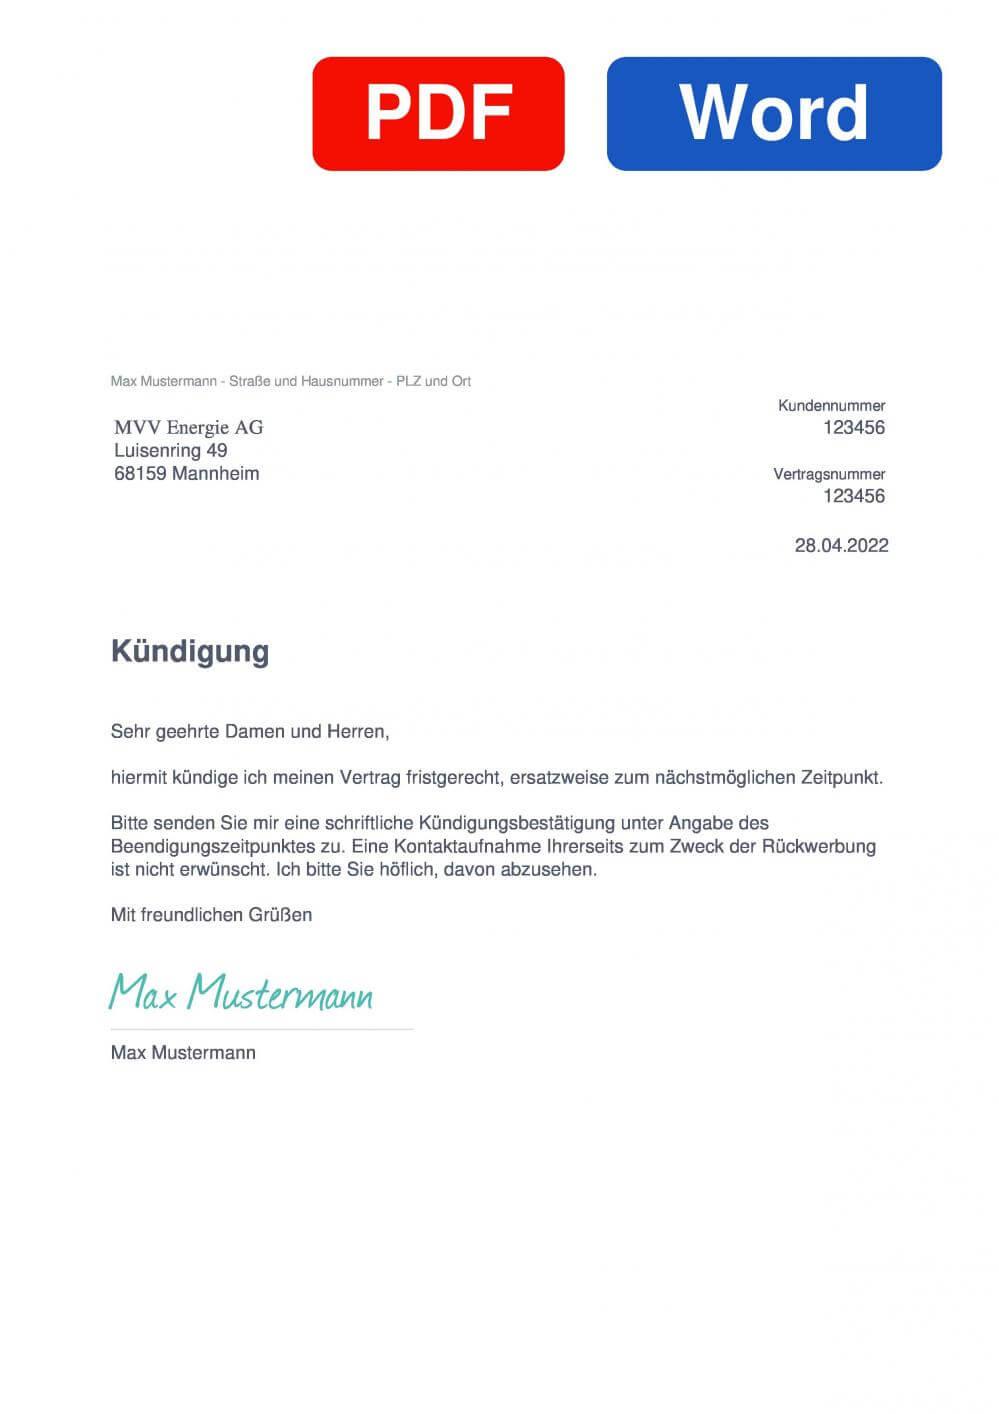 MVV Energie Muster Vorlage für Kündigungsschreiben